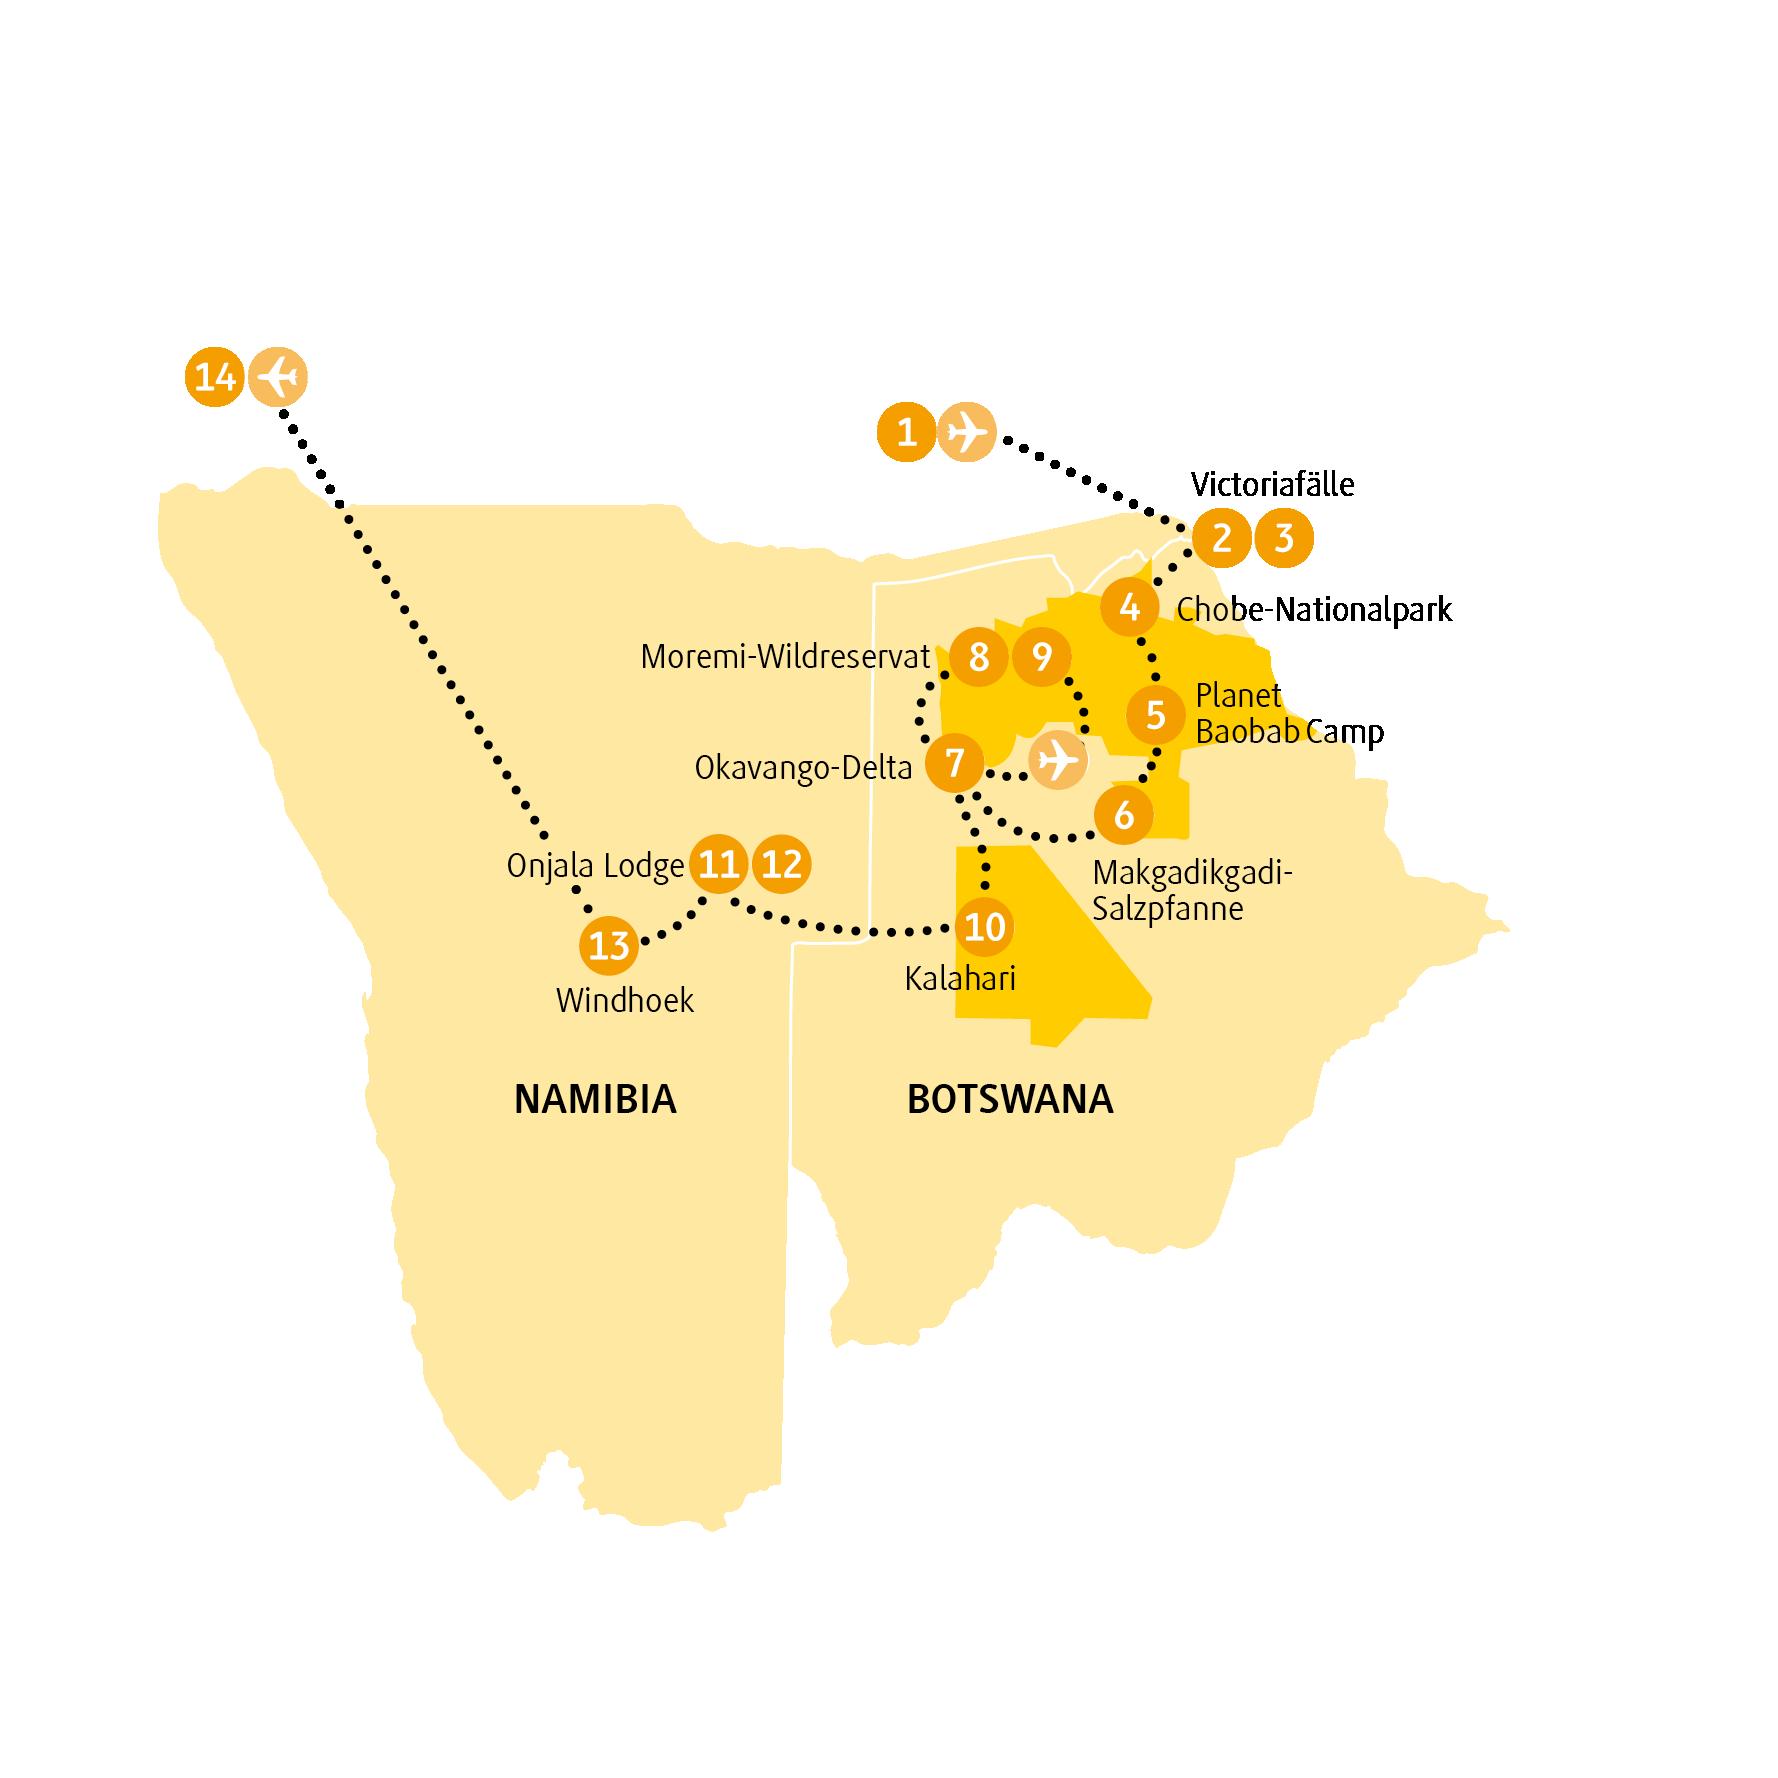 Namibia: Karte und Tourenverlauf Kalahari und Victoria-Fälle